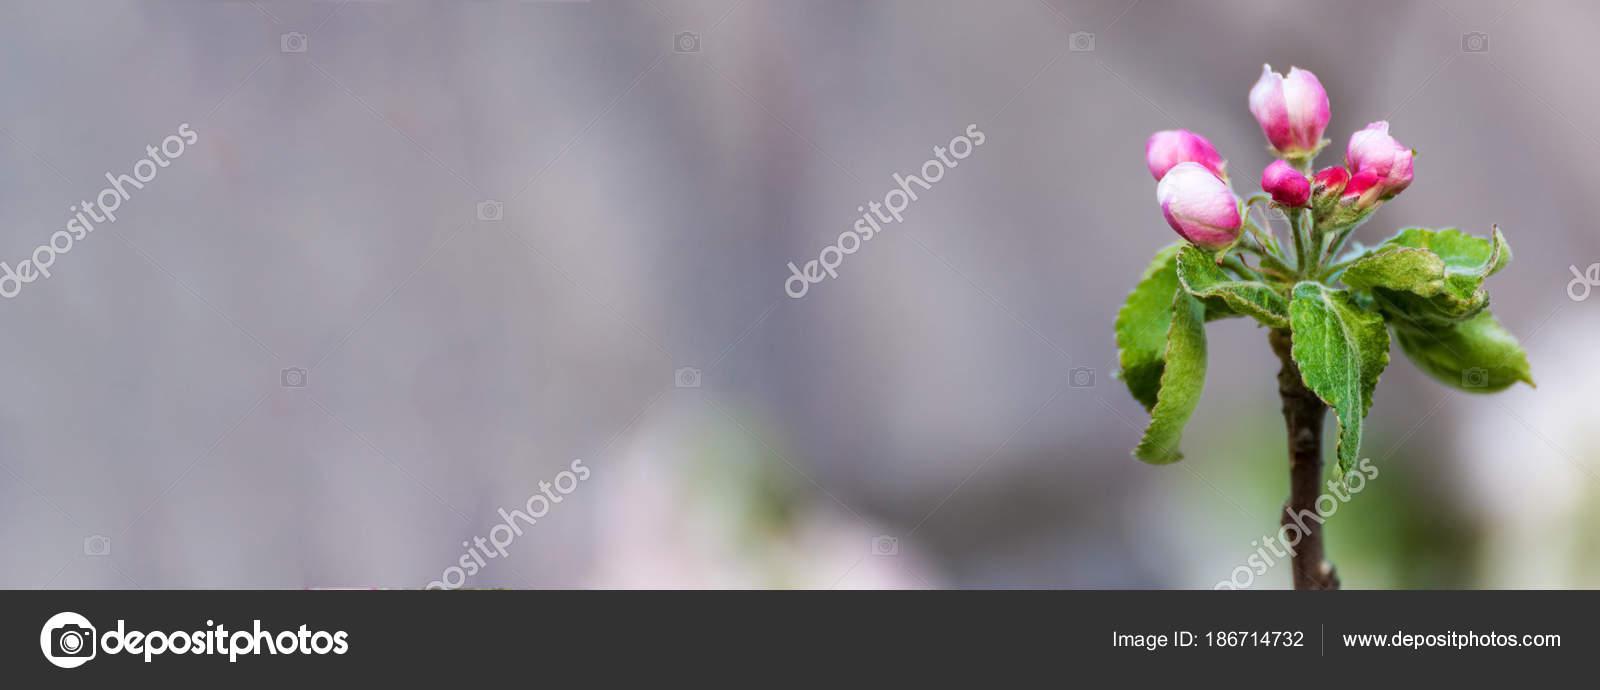 Pommier Avec Les Bourgeons Deplies Roses Photographie Photozirka